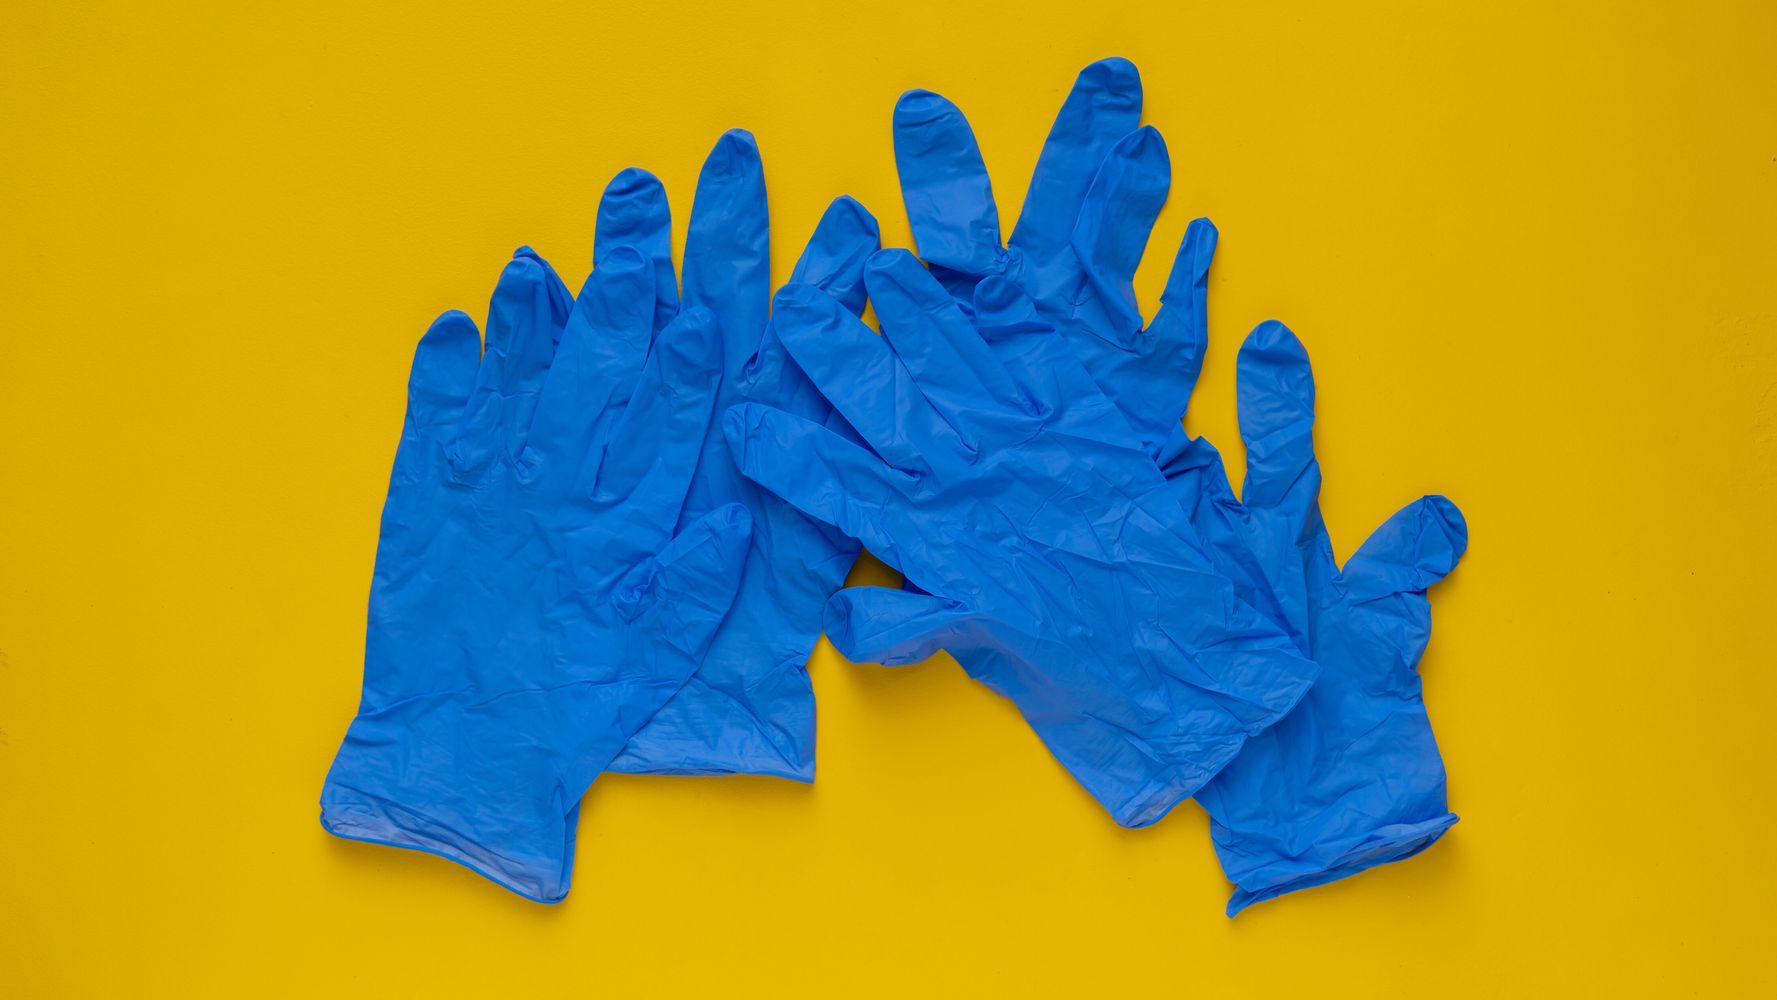 a125733bf52e5e657395371a45ba5c65 - Pouvez-vous laver et réutiliser des gants jetables